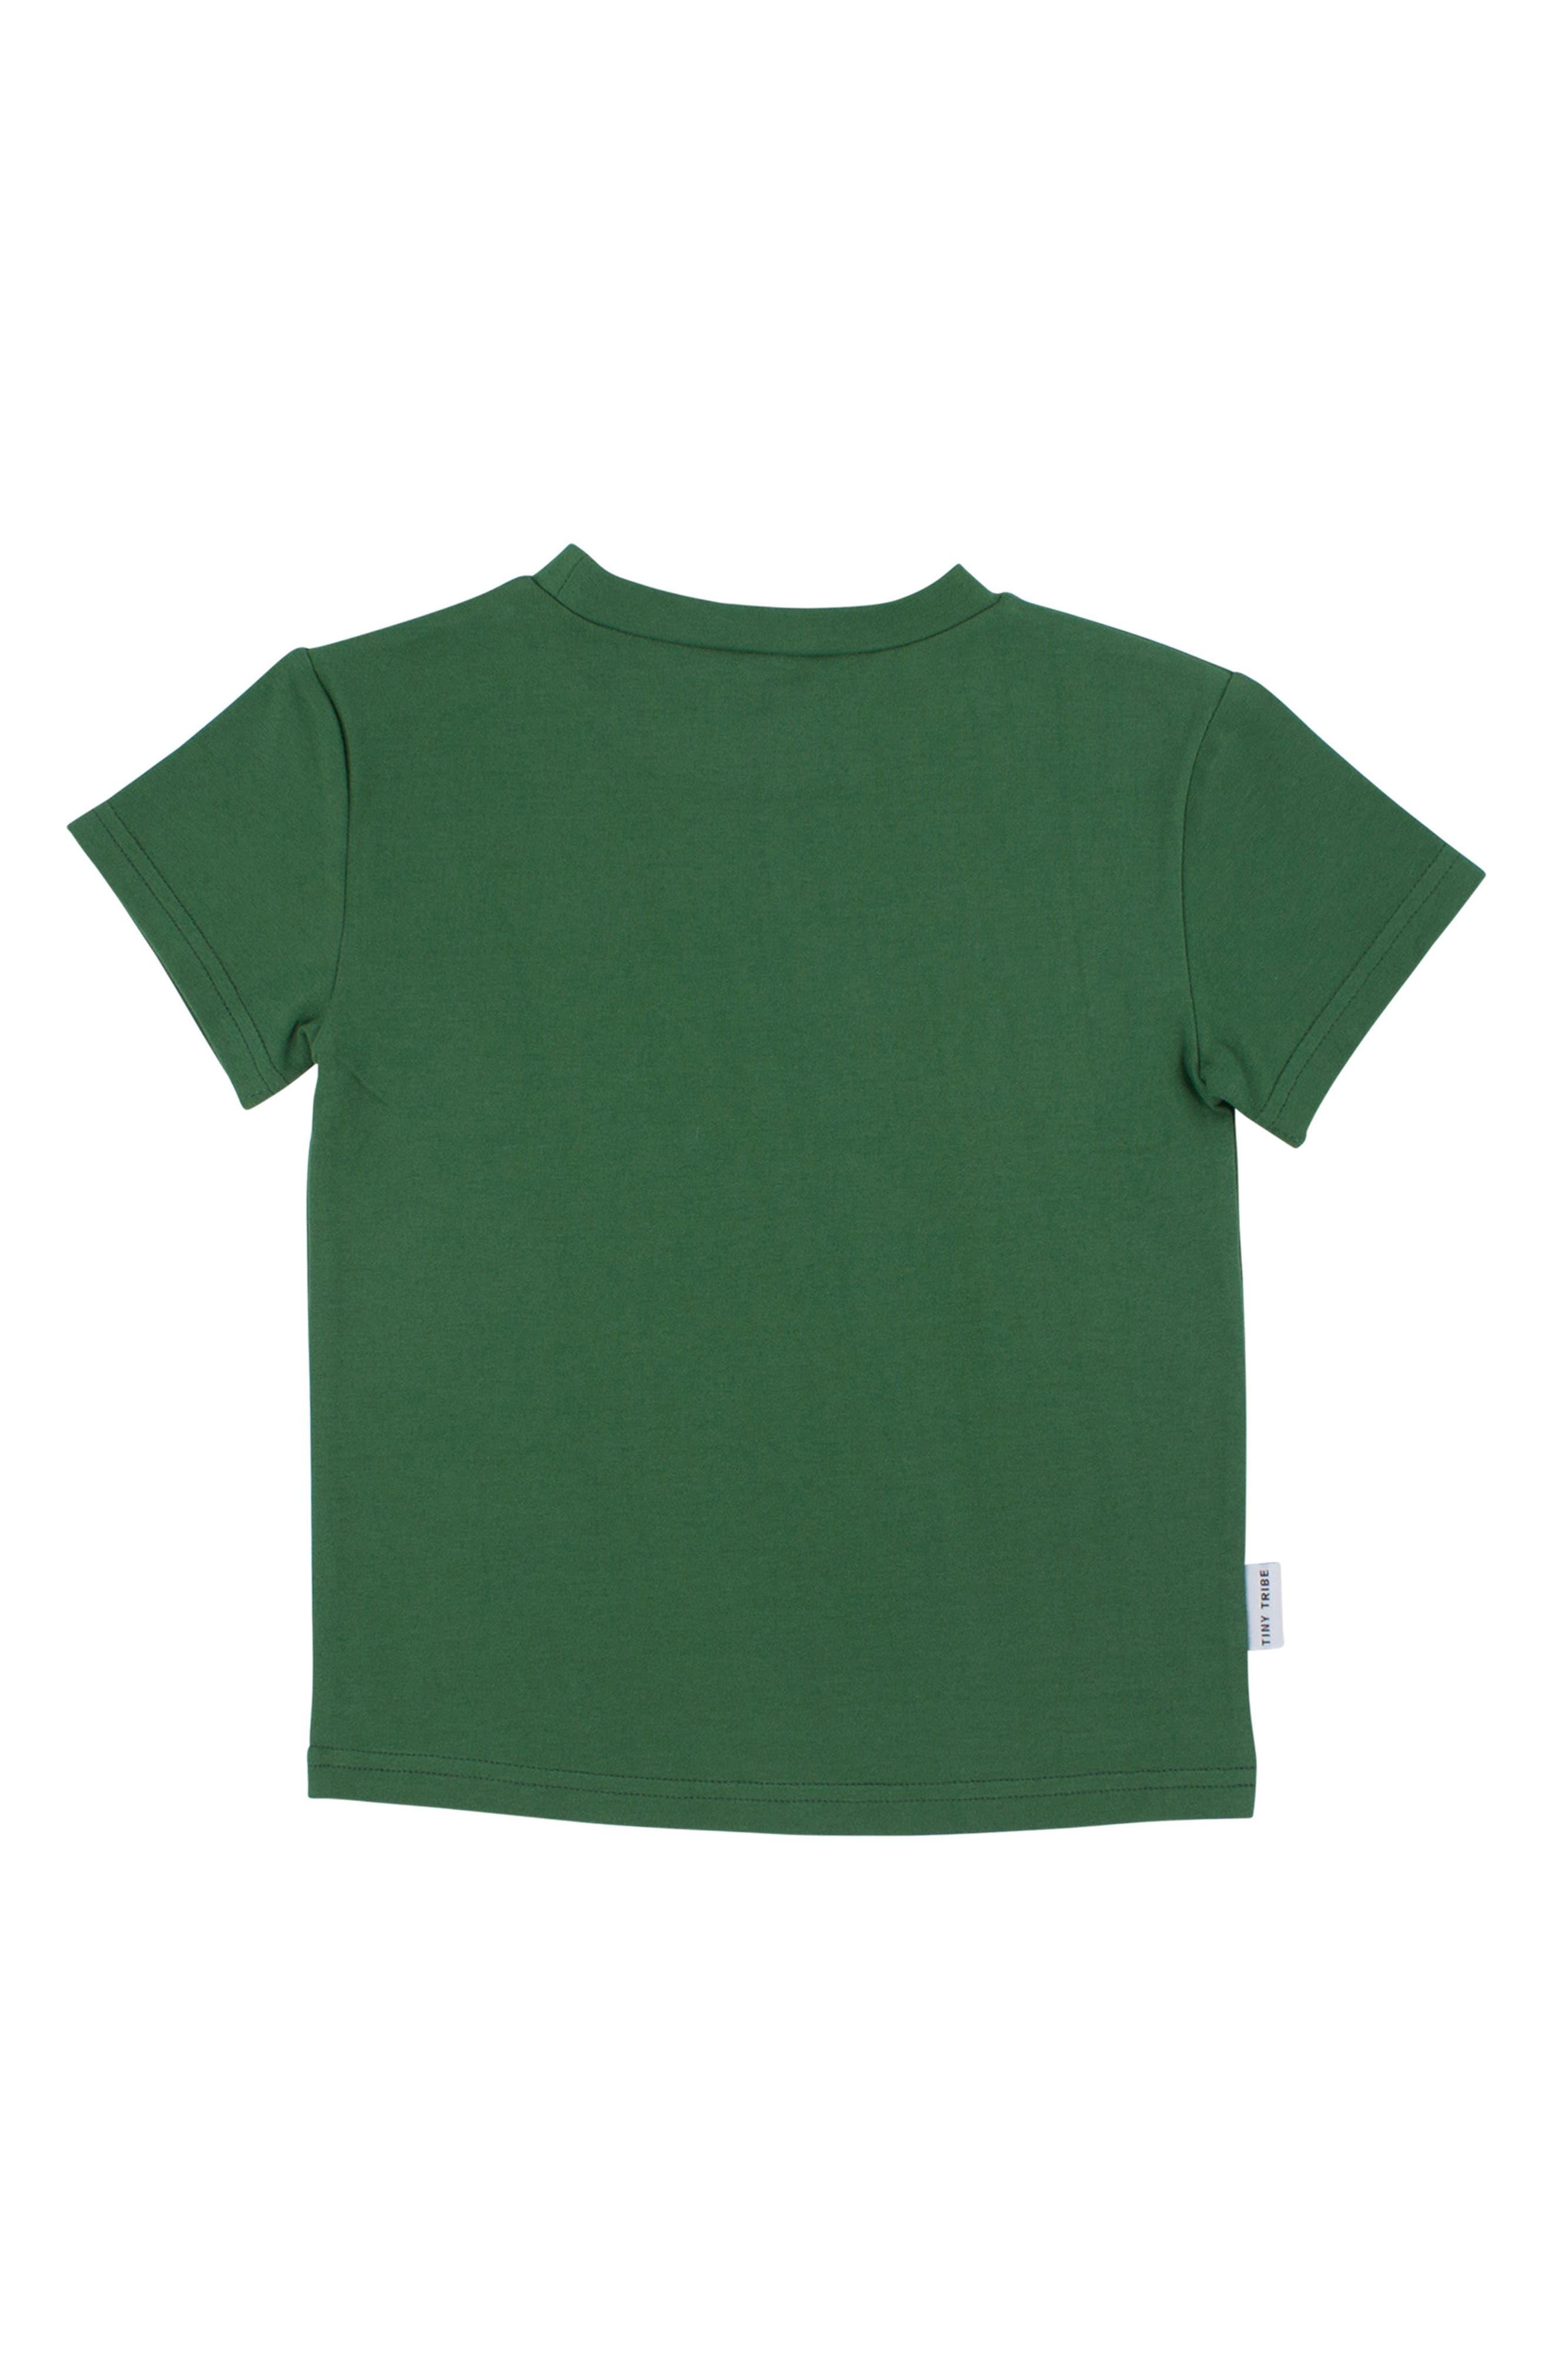 I Love Kale Graphic T-Shirt,                             Alternate thumbnail 2, color,                             305